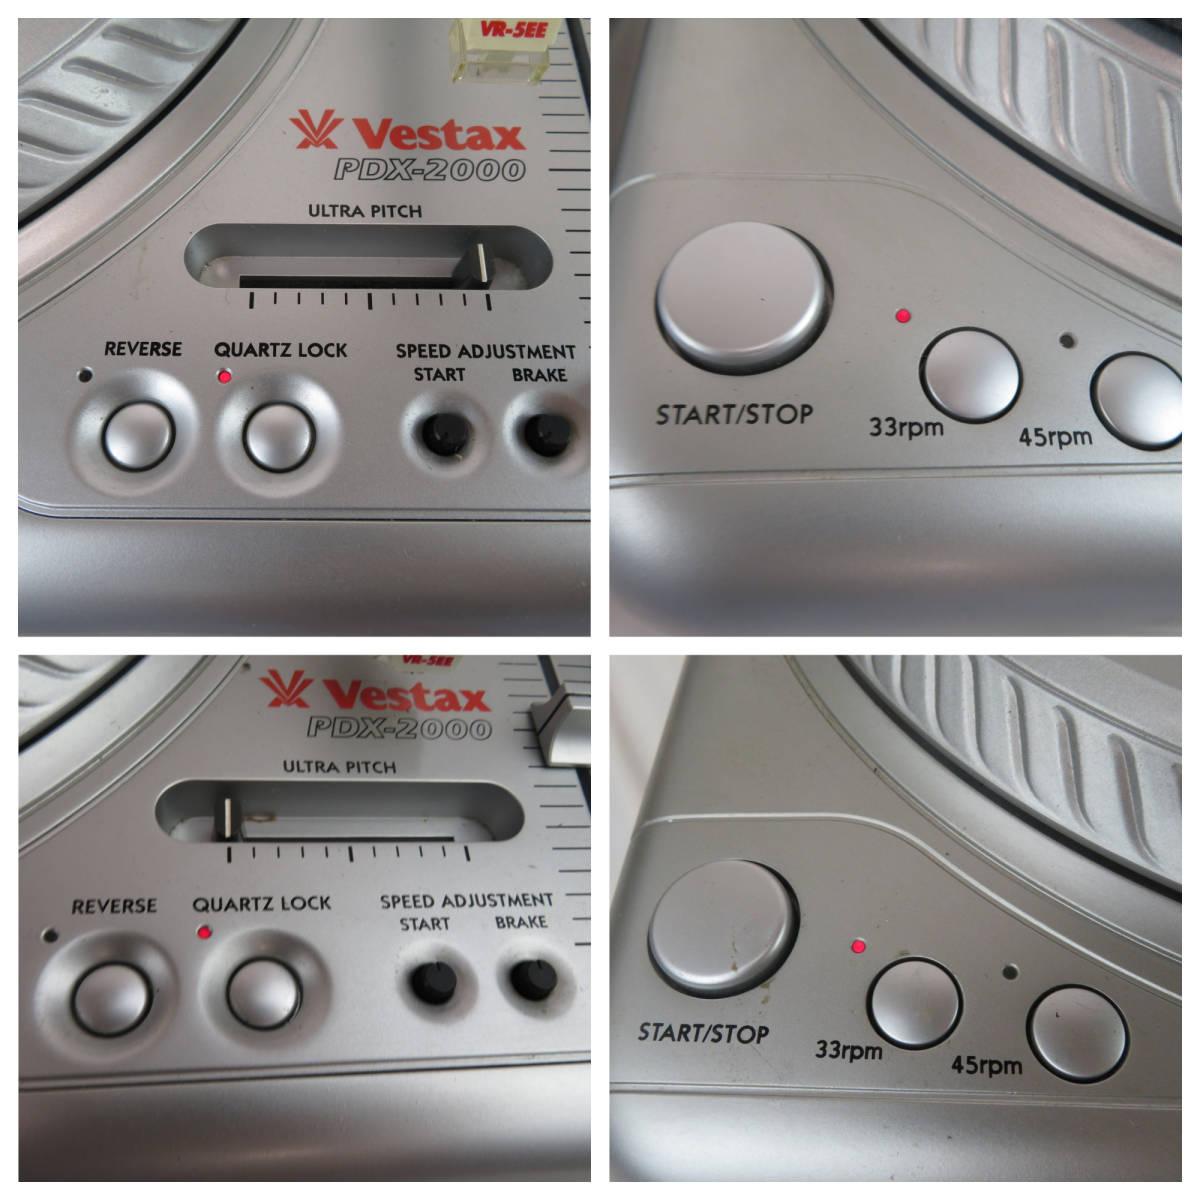 【2点セット】VESTAX pdx-2000 ターンテーブル (20-1084)_画像4